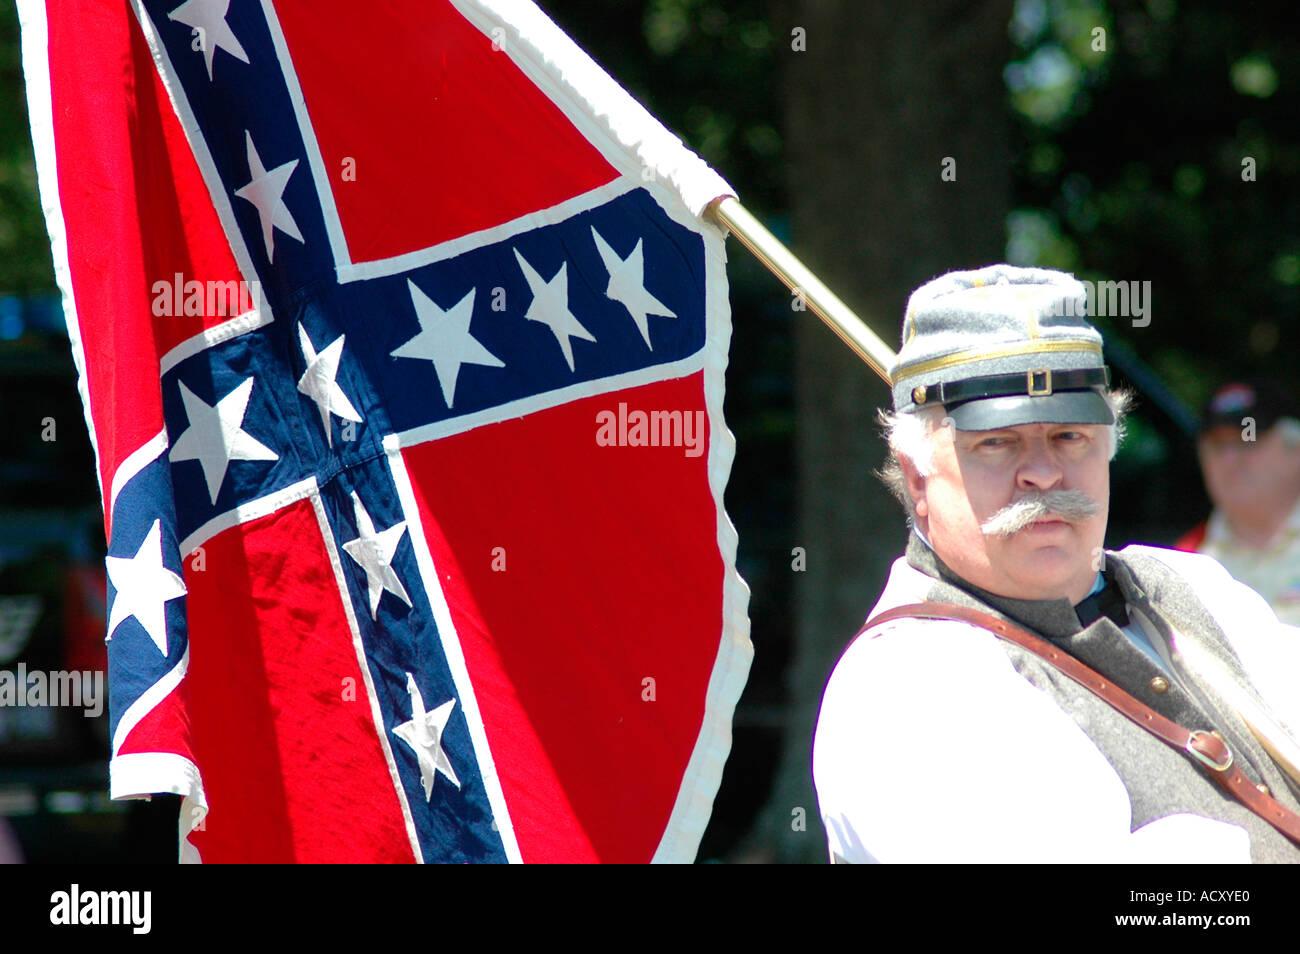 Banderas De Los Estados Unidos La Confederación Durante La Guerra Civil En El Sur De Confederate Memorial Day Parade De Atlanta Georgia Latina Usa Los Conflictos Familiares Fotografía De Stock Alamy